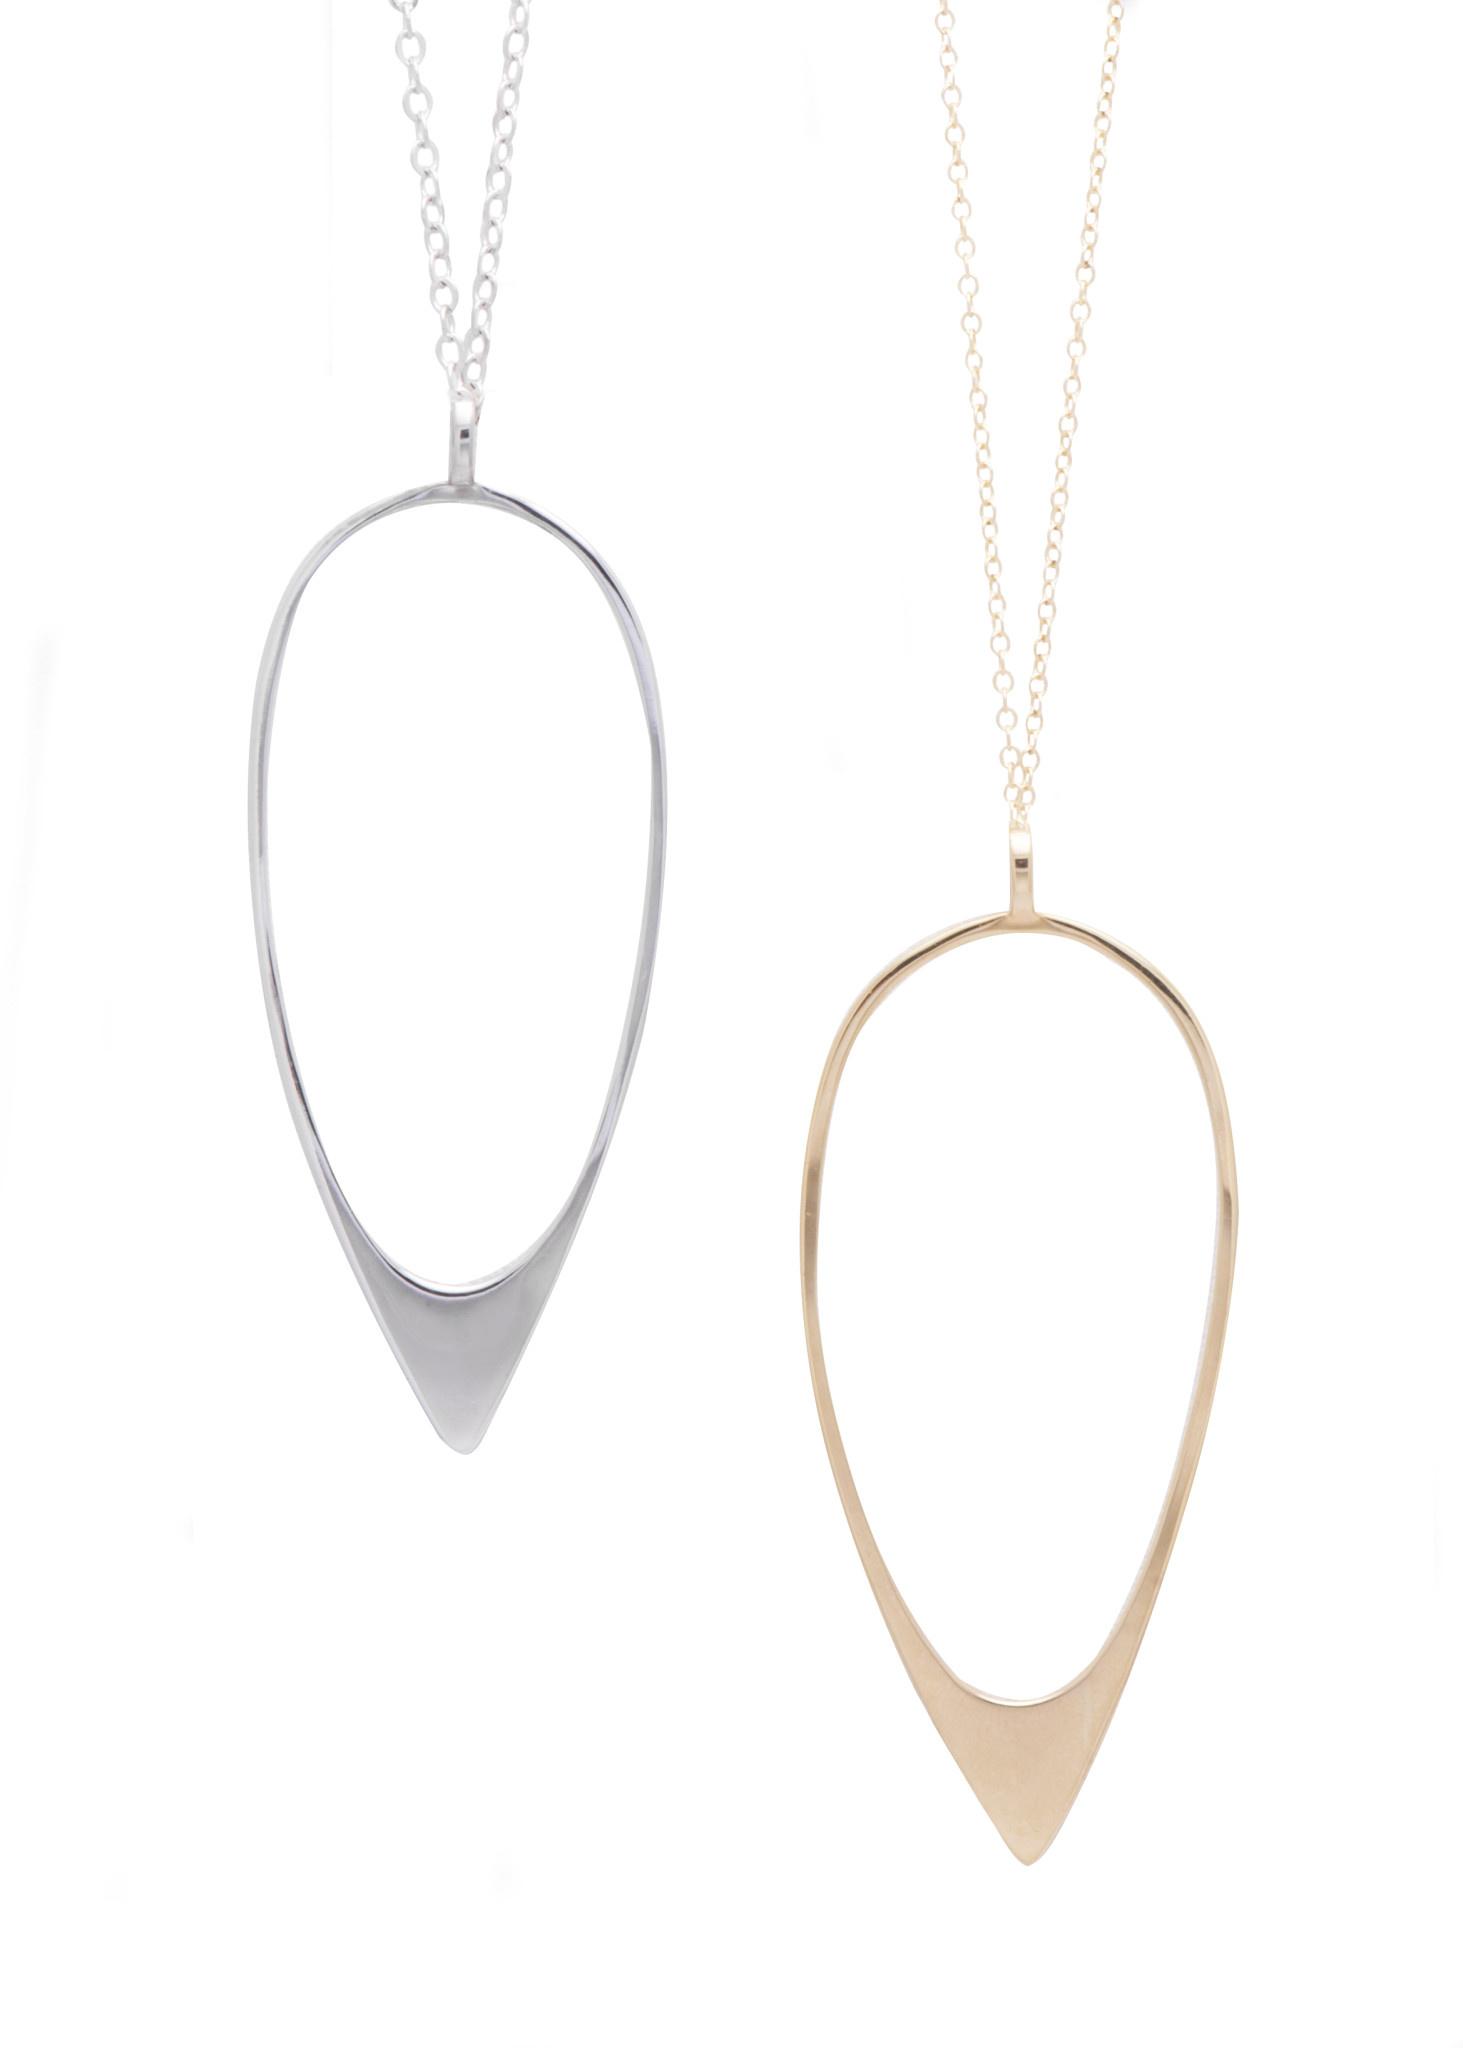 Sarah Mulder Jewelry Sarah Mulder Jewelry - Collier Ariam Large